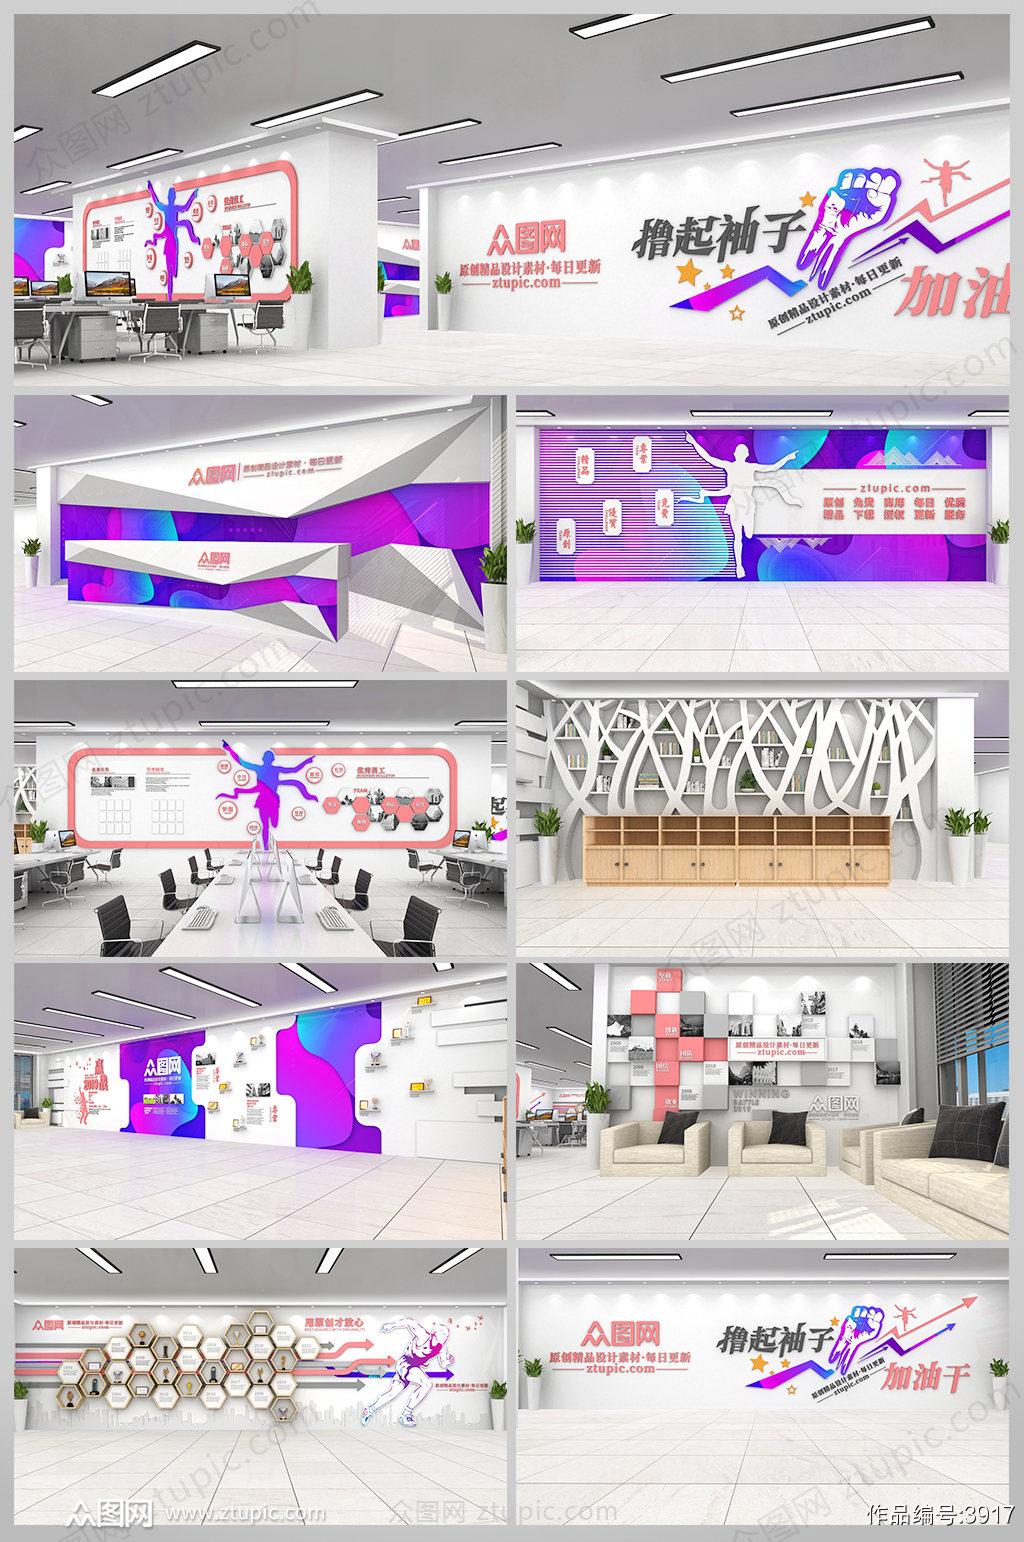 企业展厅文化墙3D模型素材